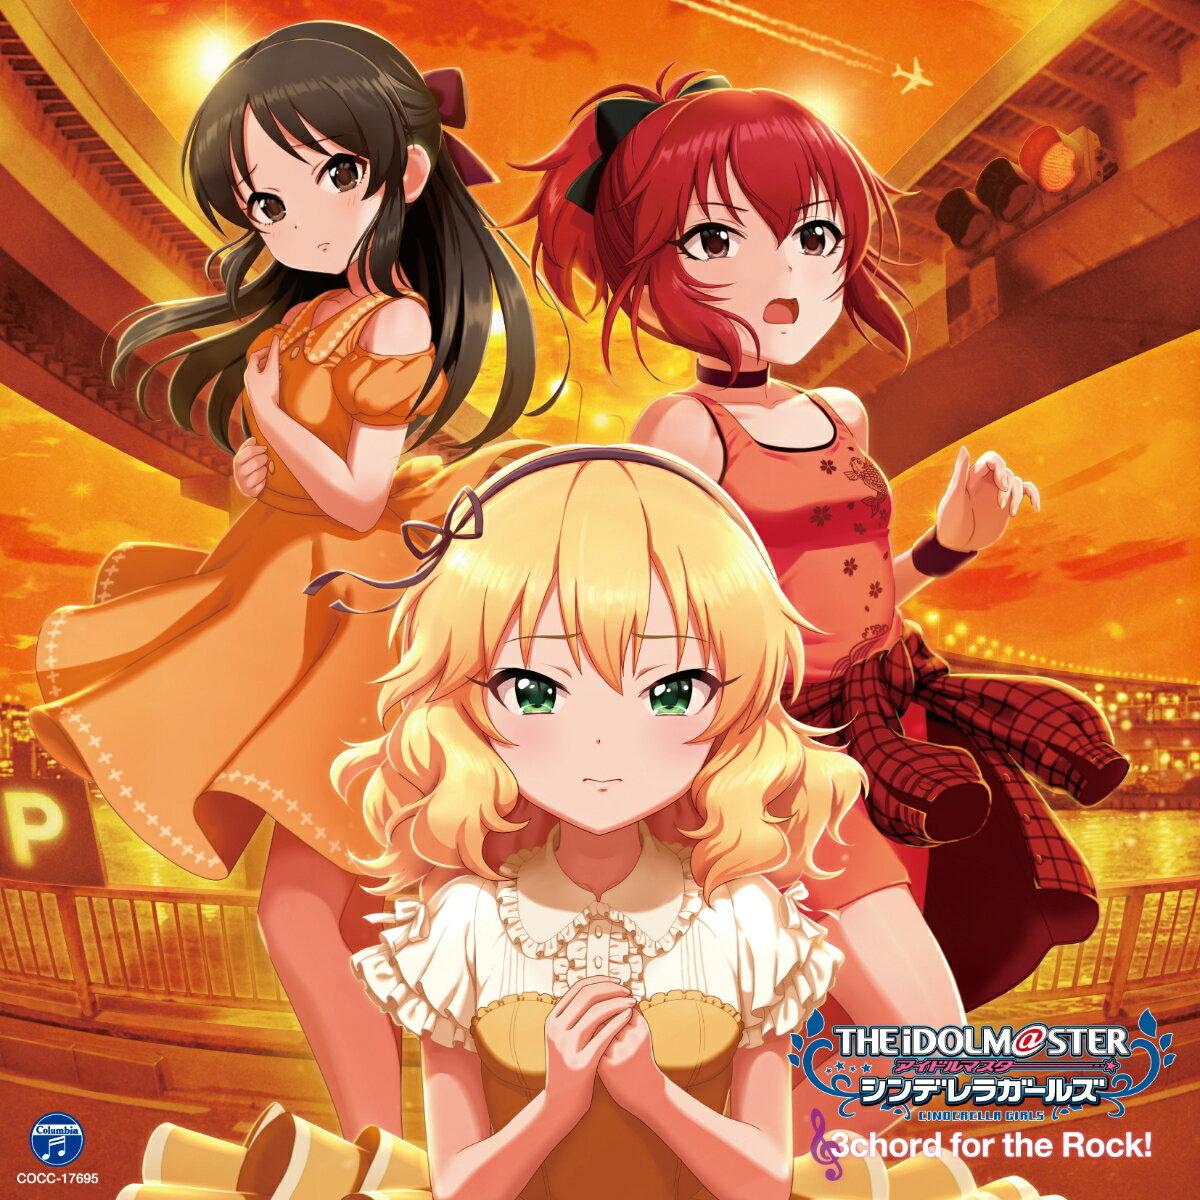 ゲームミュージック, その他 THE IDOLMSTER CINDERELLA MASTER 3chord for the Rock! ()